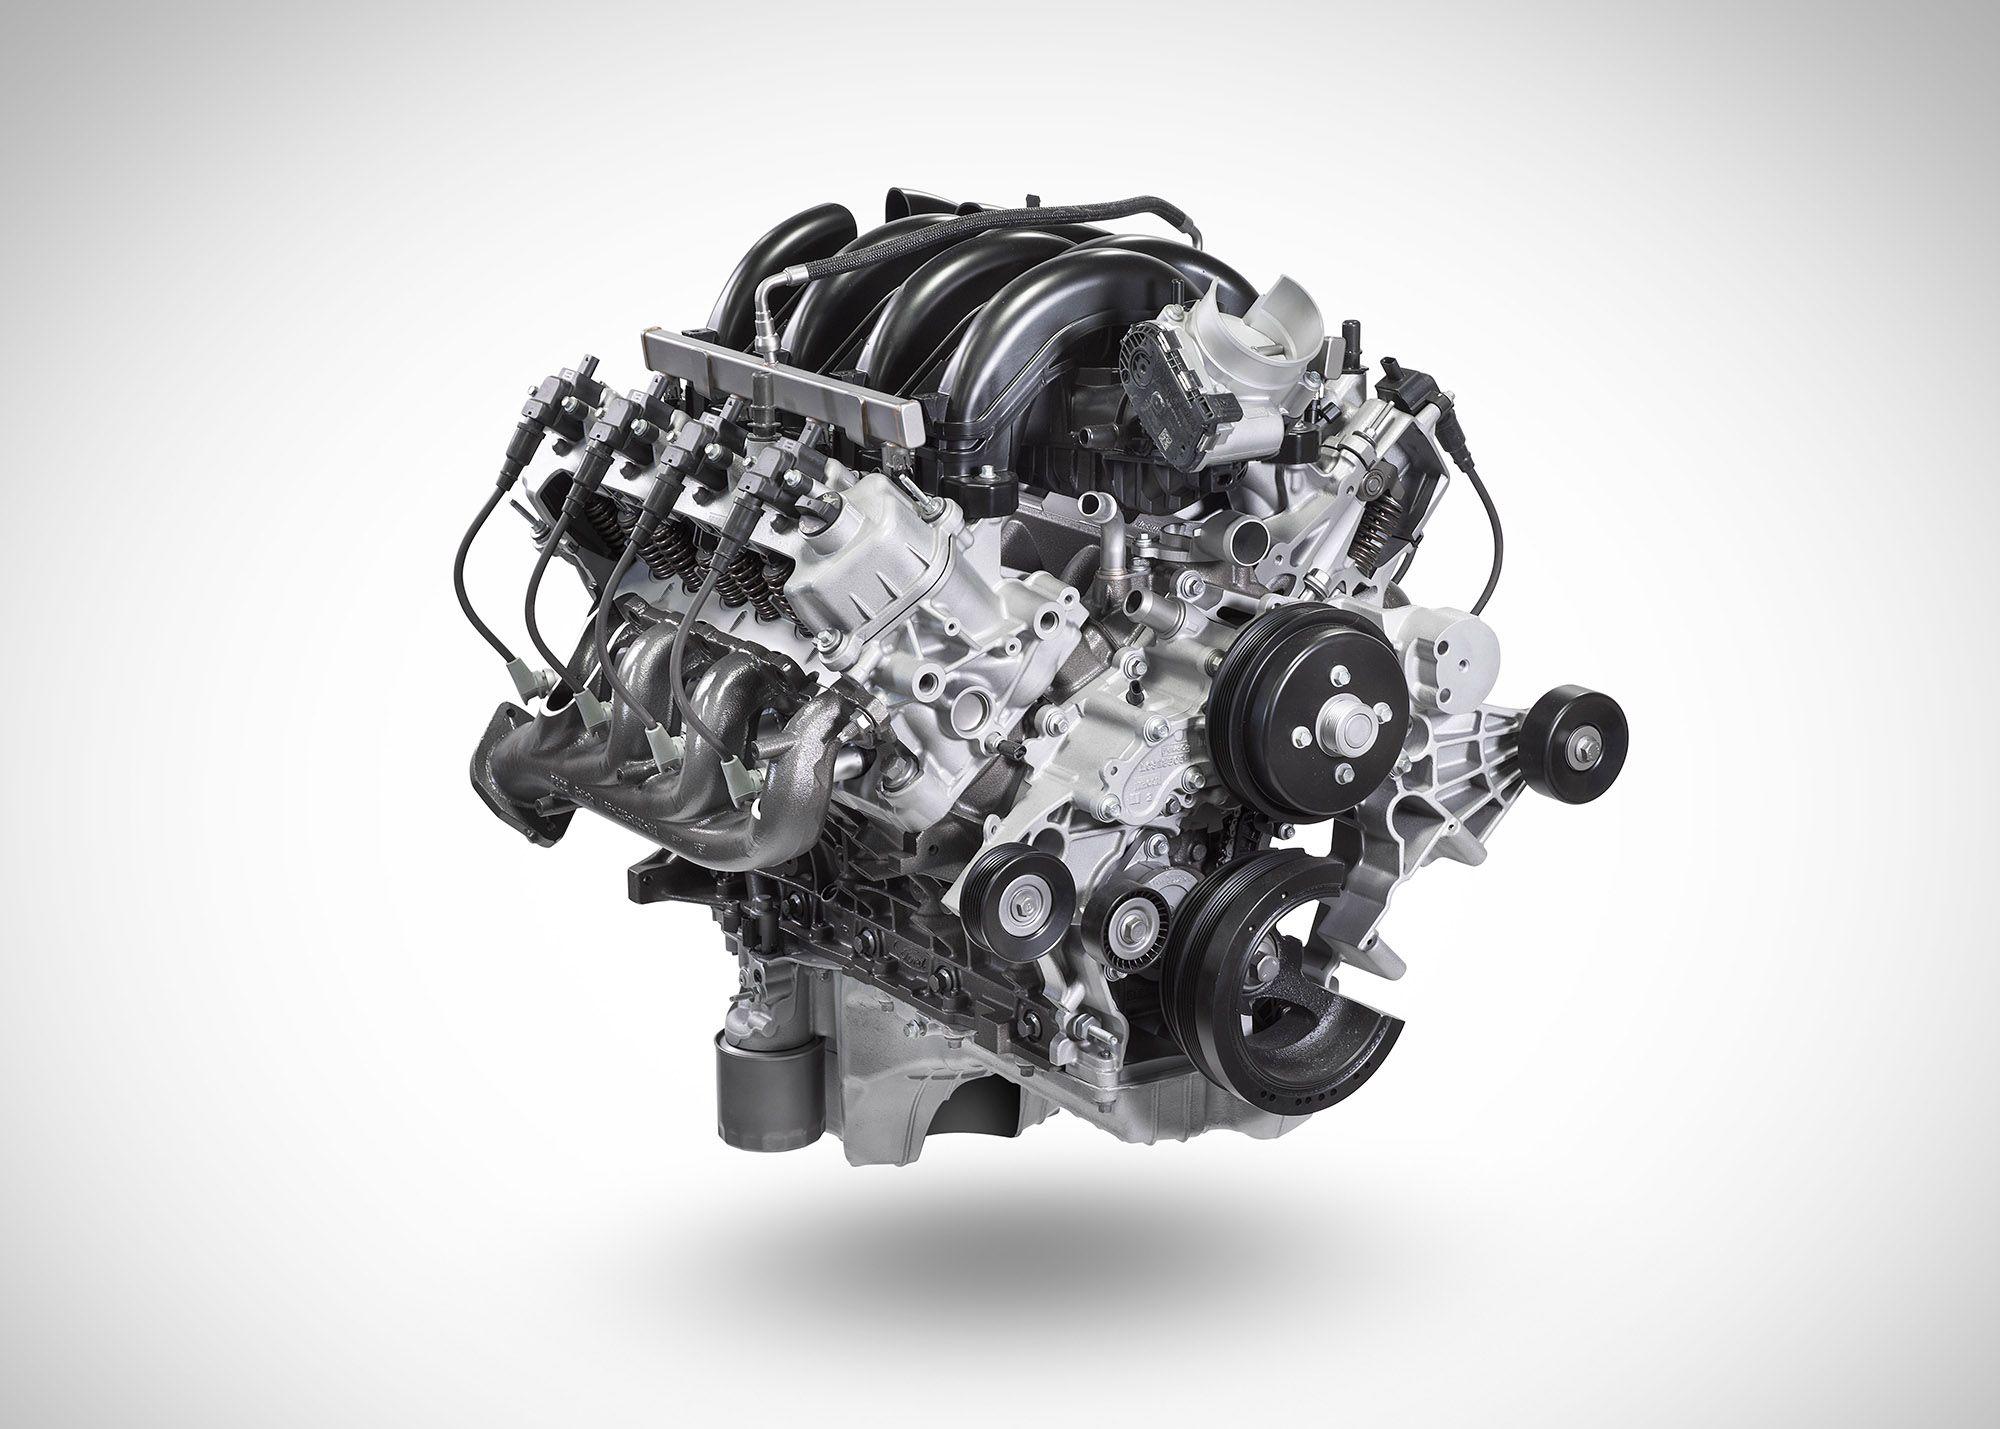 Ford Godzilla 7 3 L Pushrod Big Block V8 Ford Super Duty Ford Crate Engines